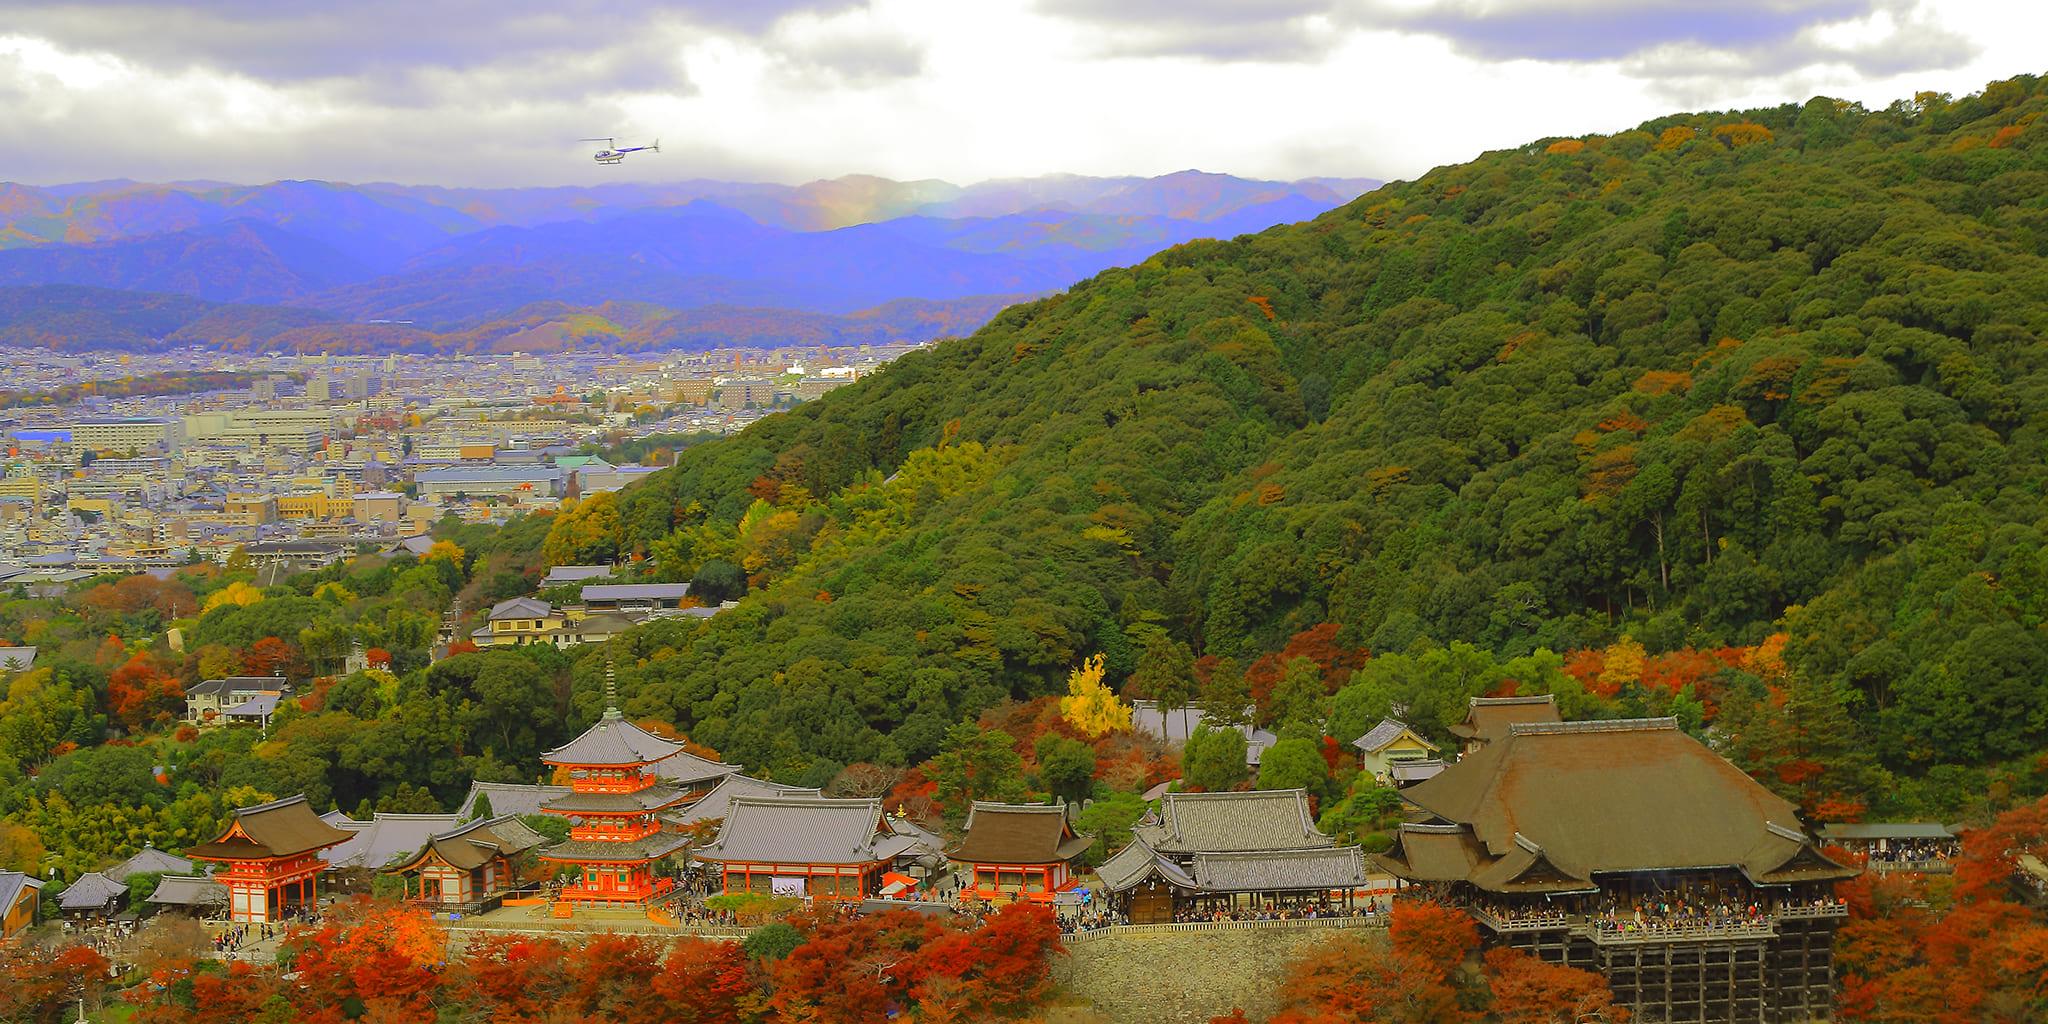 ヘリコプターで京都市内から見た機内から見た清水寺